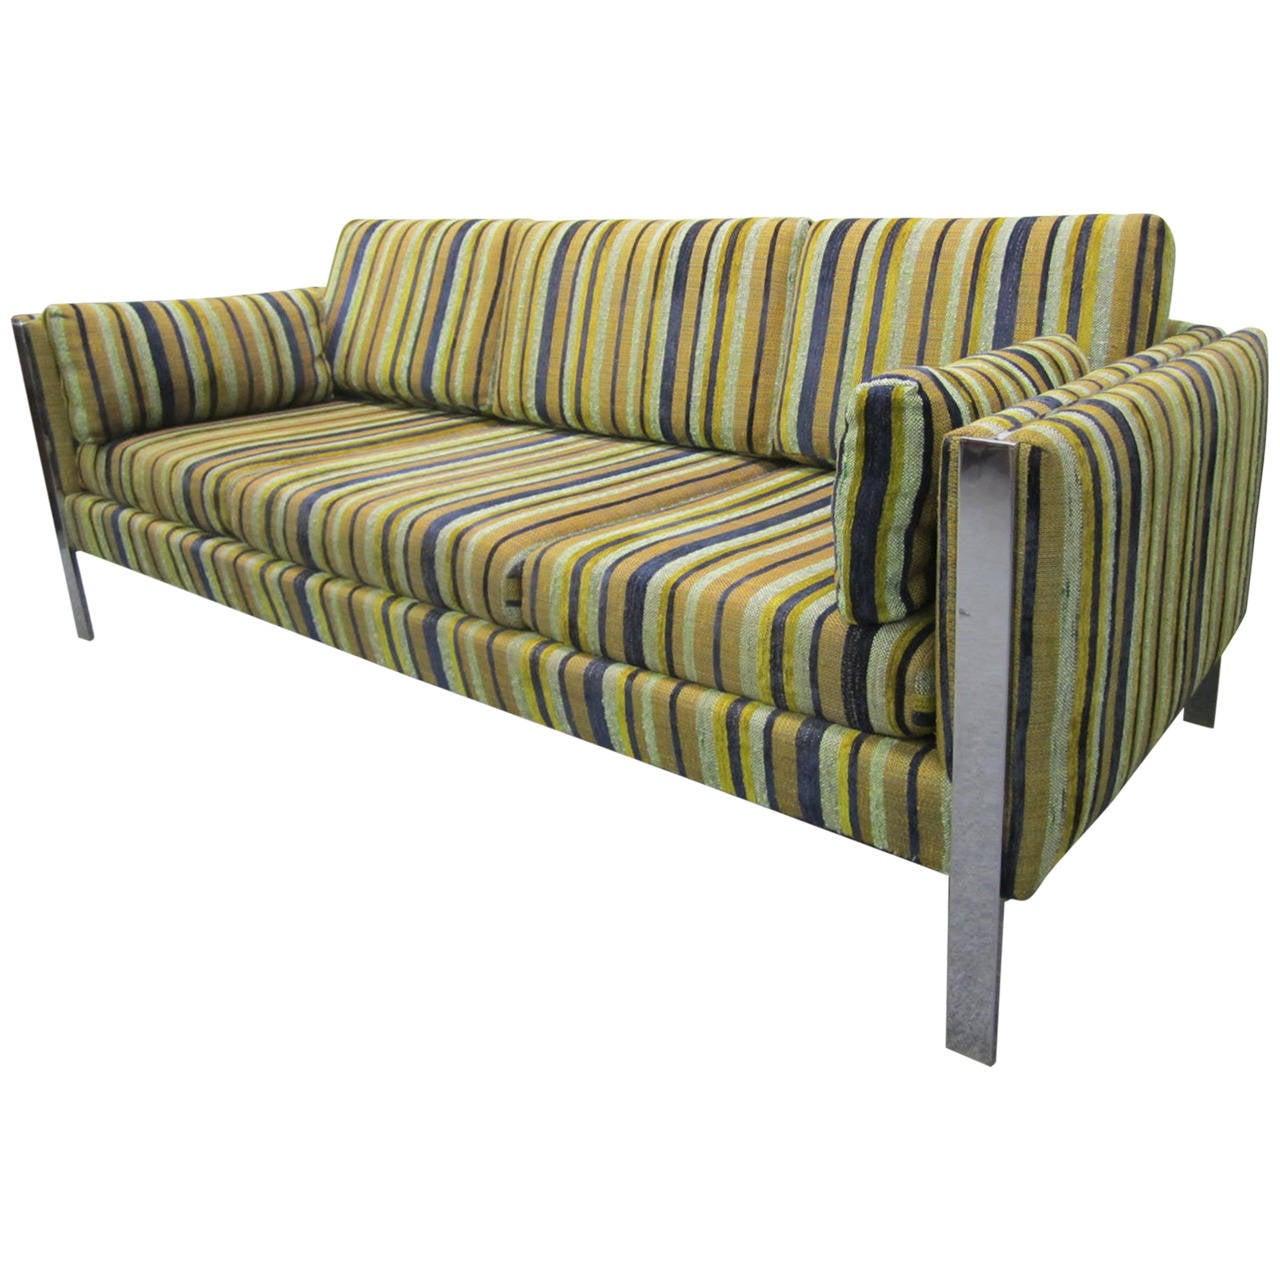 Excellent Milo Baughman Chrome Leg Sofa